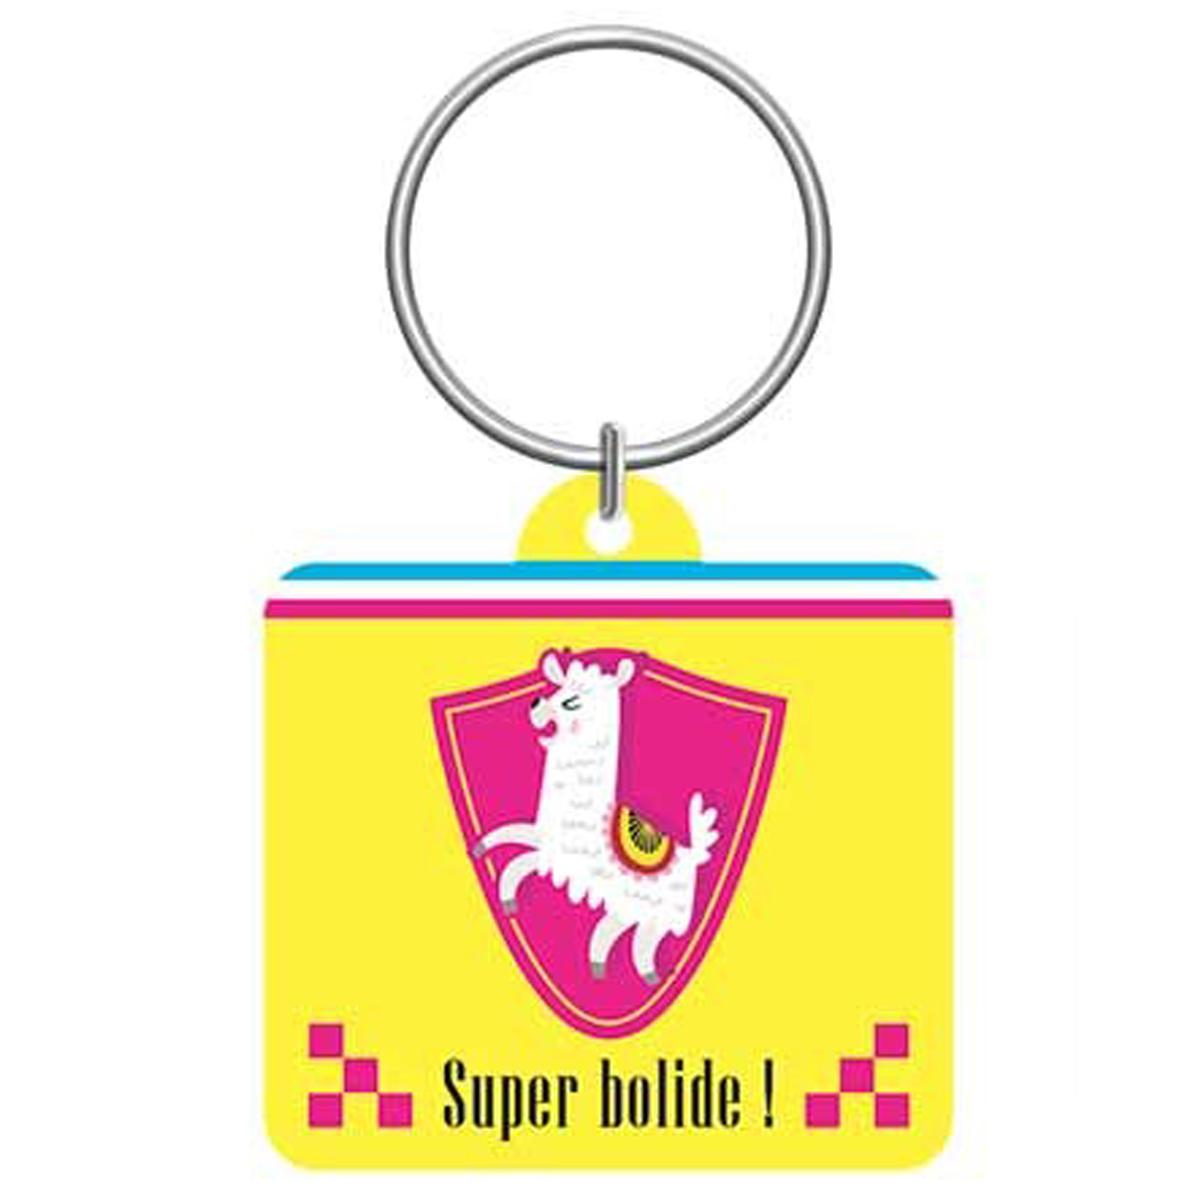 Porte-clés \'Lama Mania\' jaune (Super Bolide !) - 55x5 cm - [Q0884]